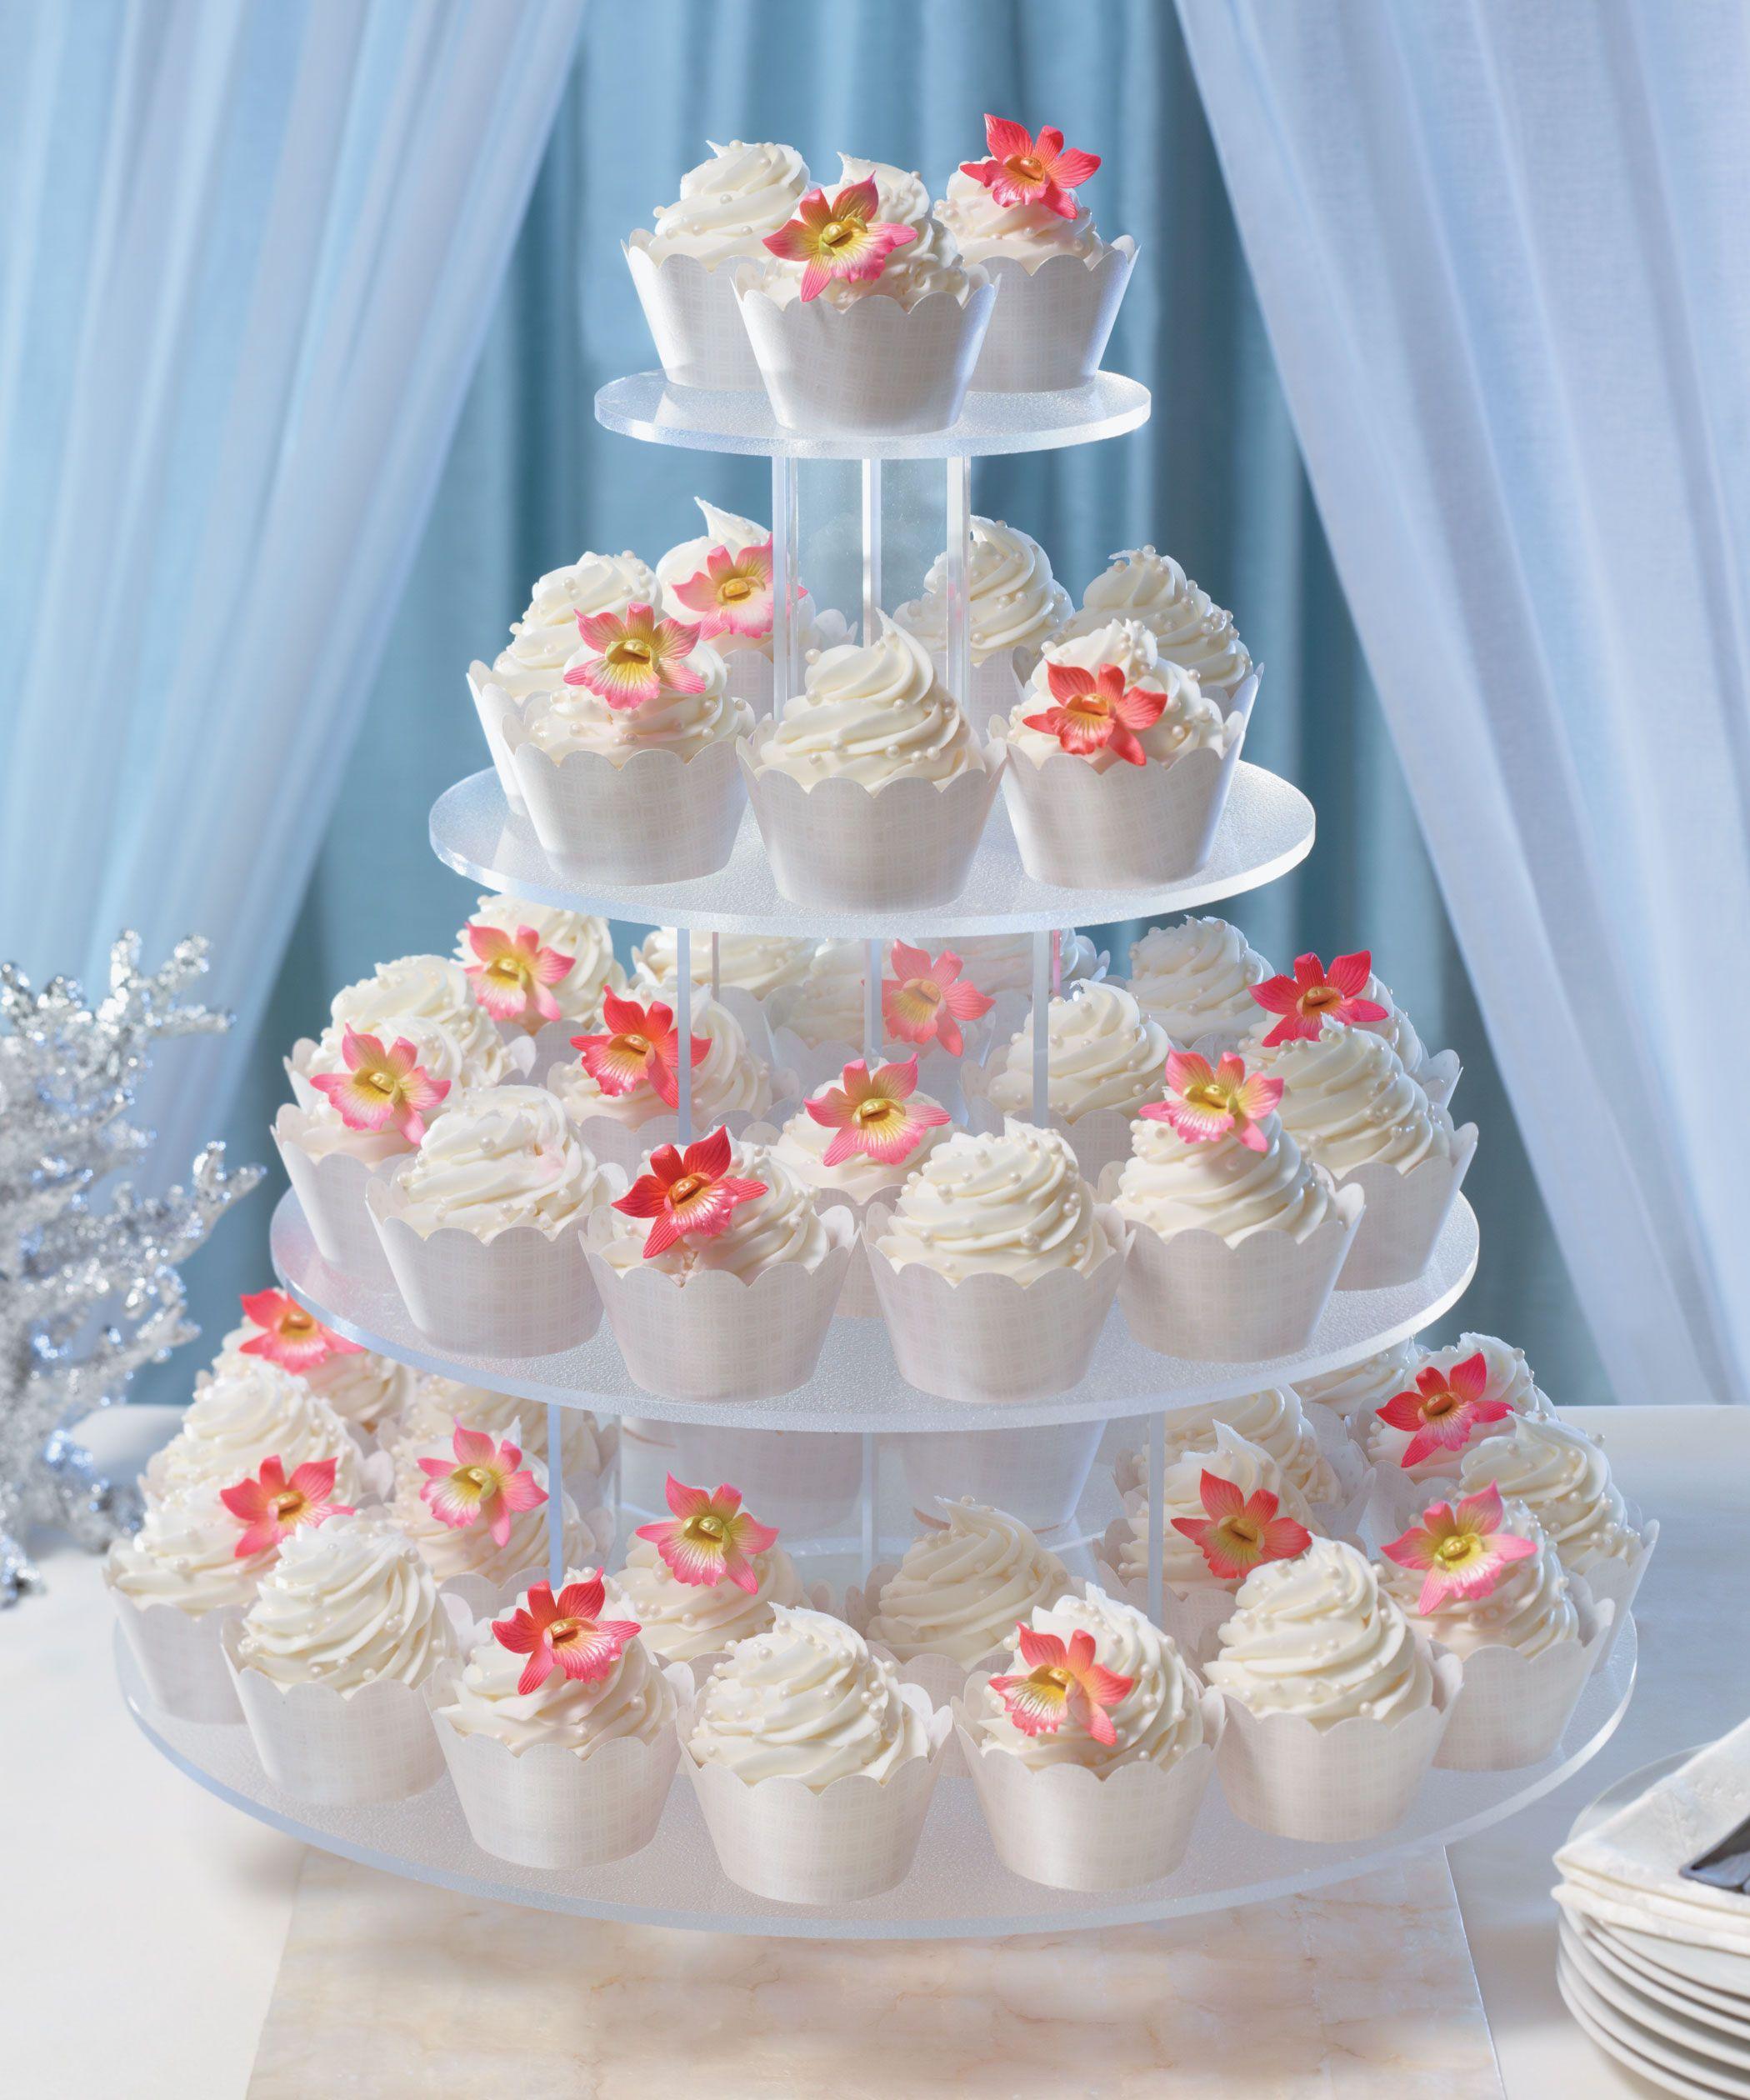 14+ Wedding cupcake displays images information